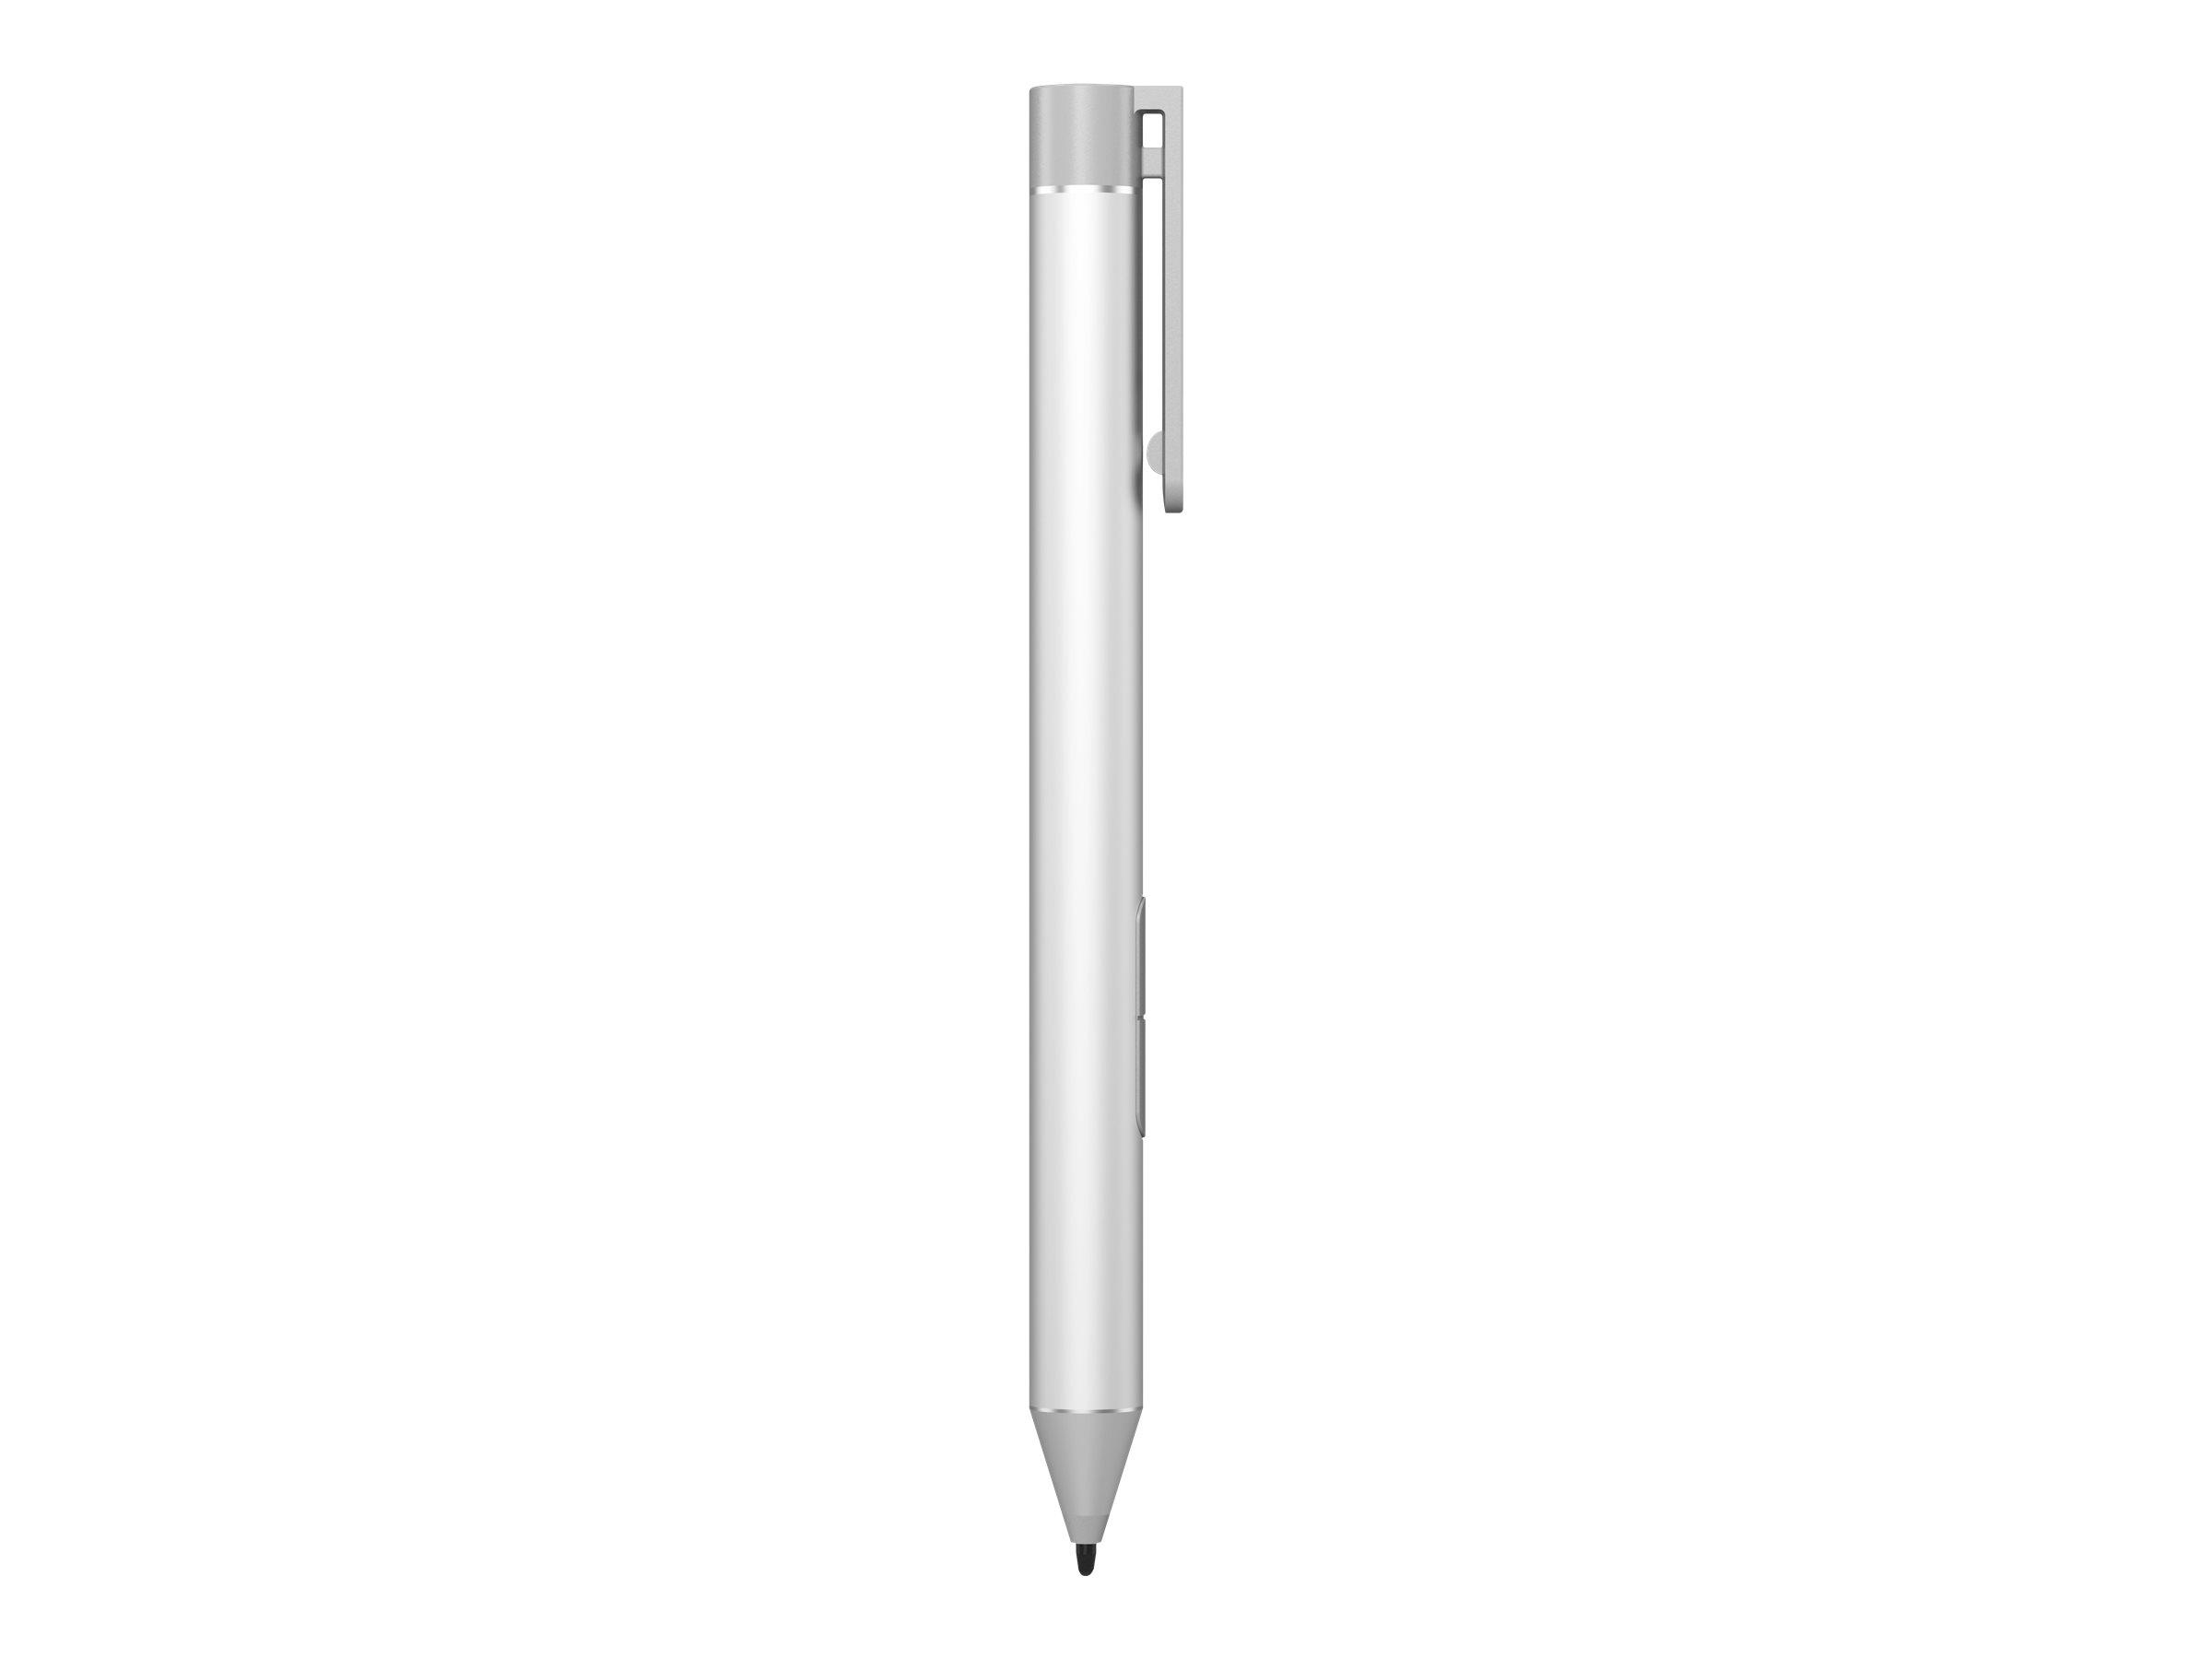 HP Active Pen - Digitaler Stift - 2 Tasten - Natural Silver - für HP 240 G6; Elite x2; EliteBook 1040 G4; EliteBook x360; Pro x2